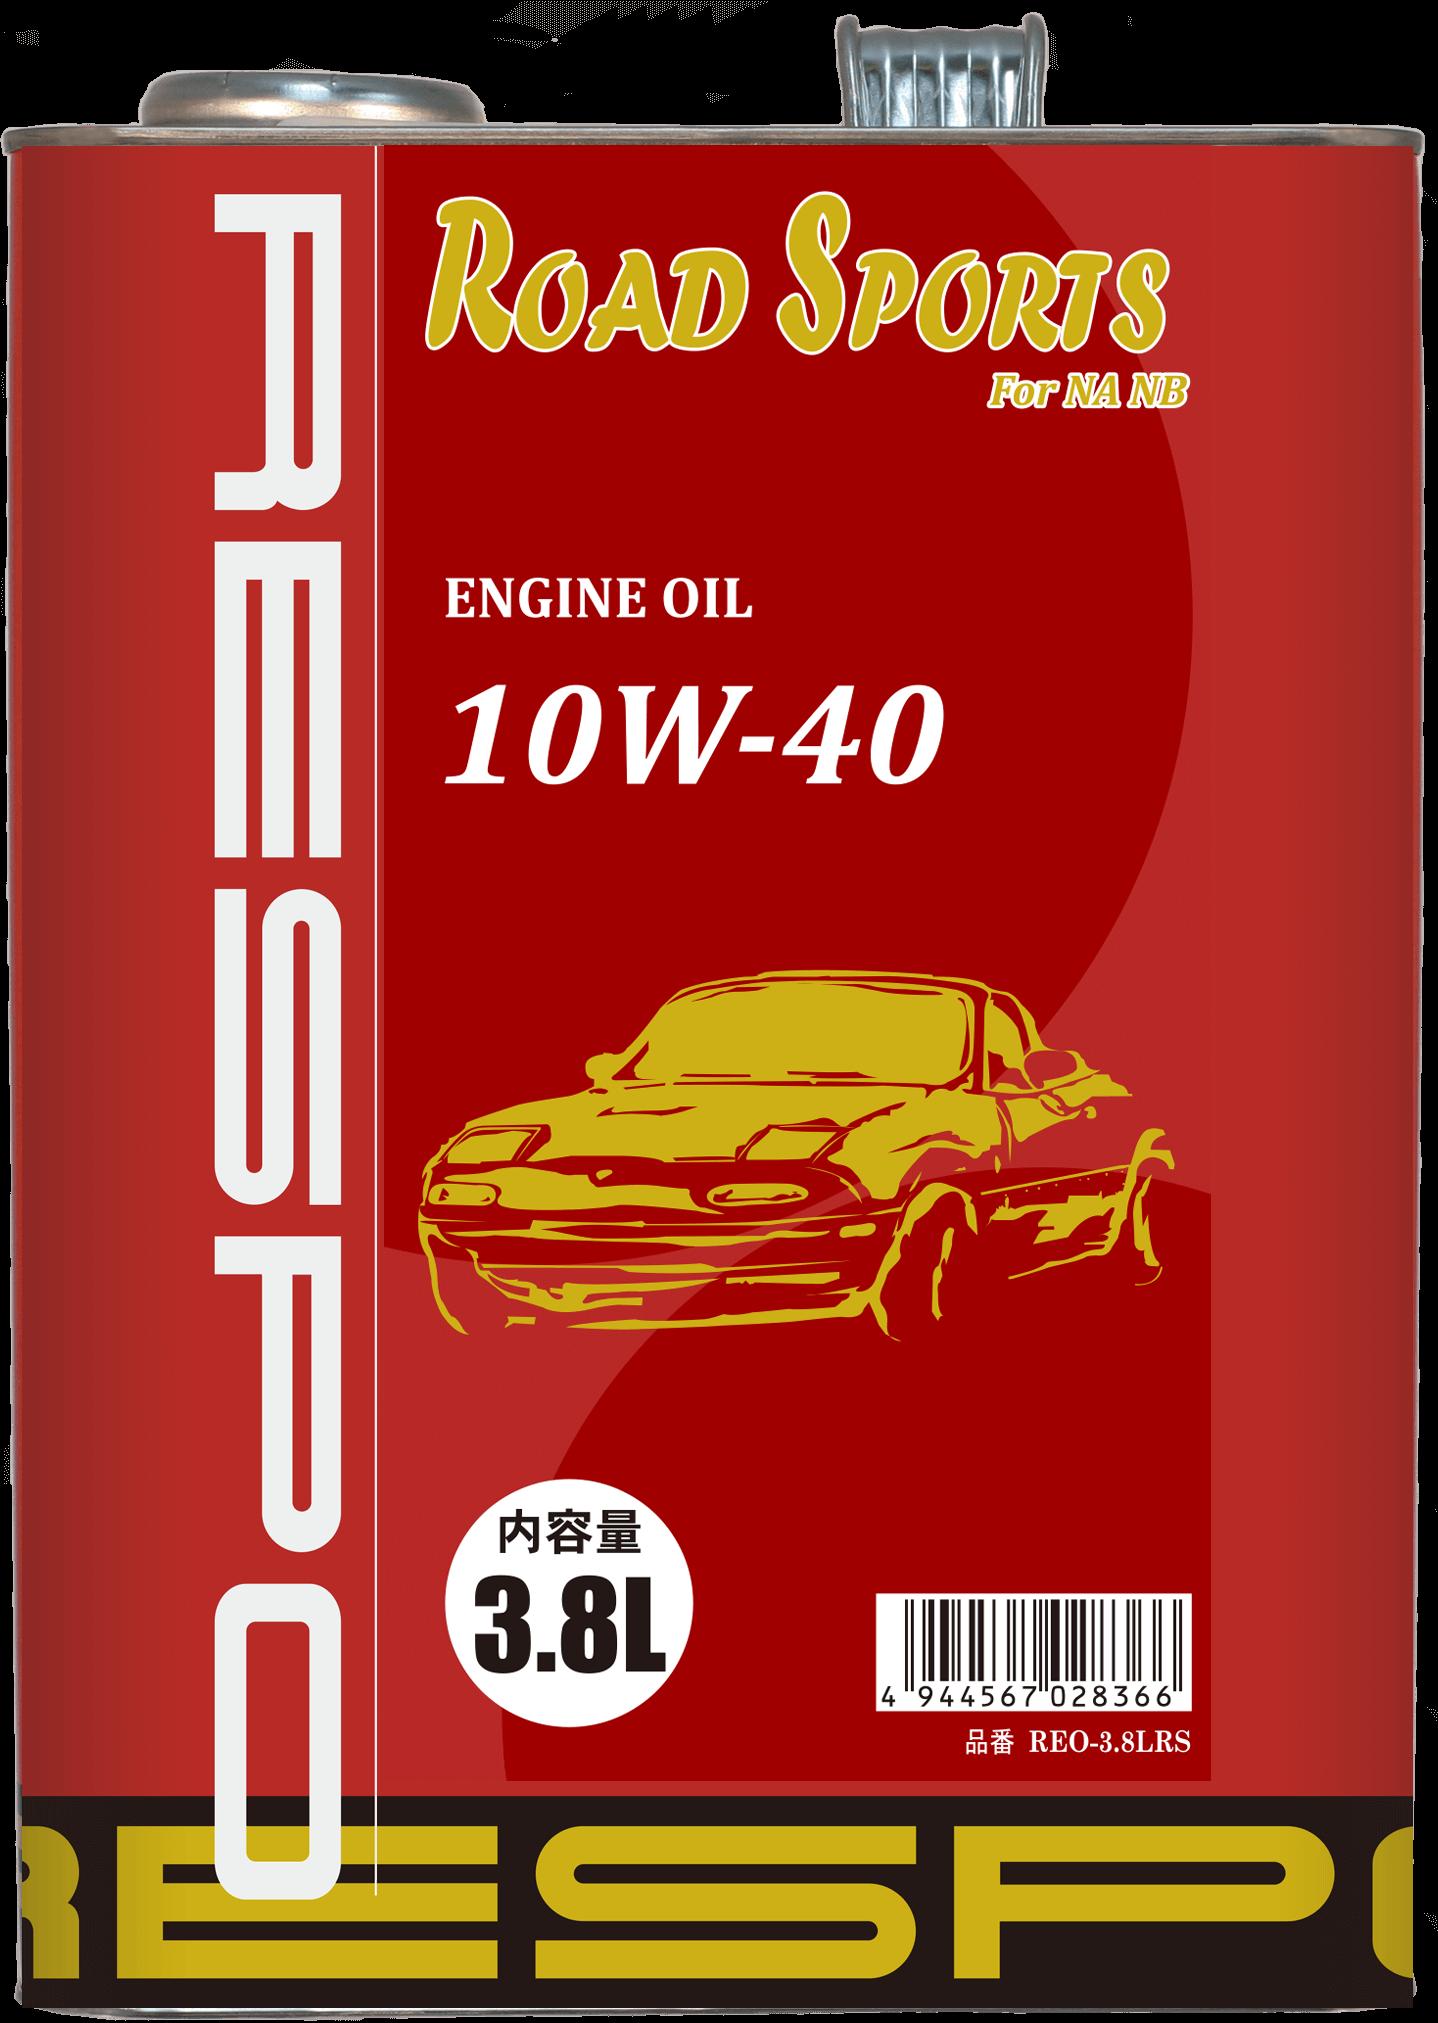 ROAD SPORTS 10w-40